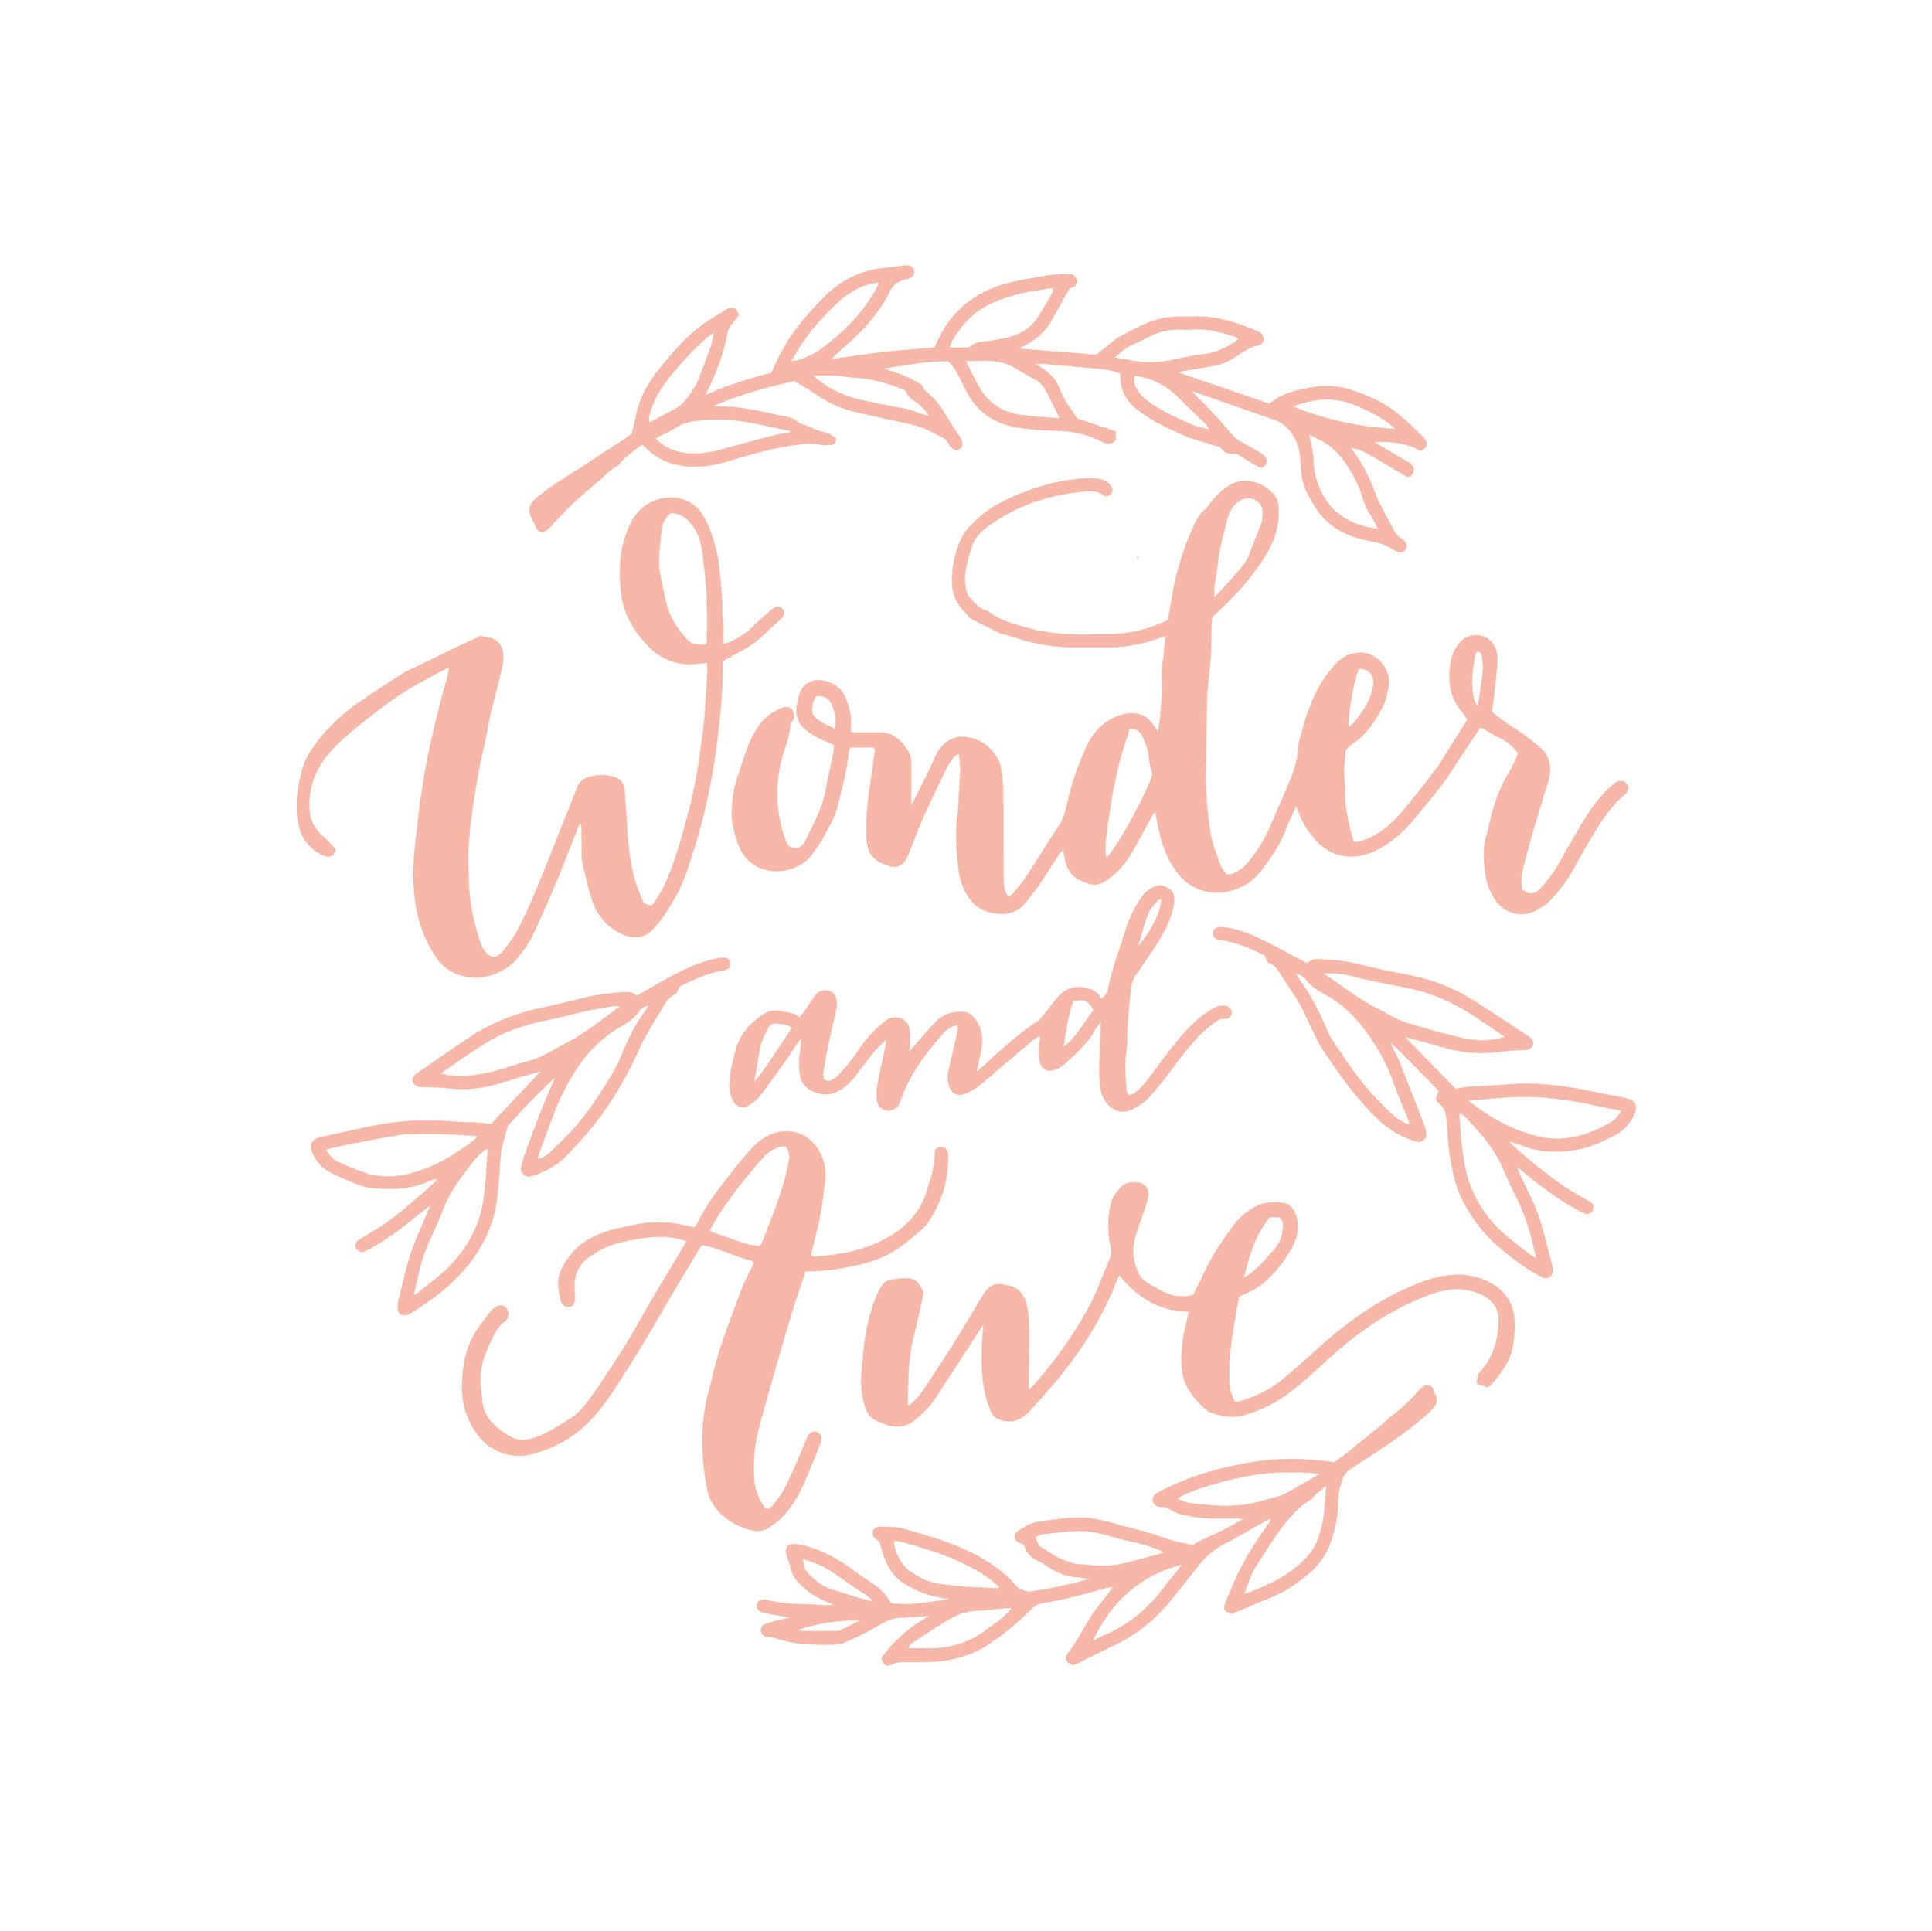 Wonder&Awe-02.jpg